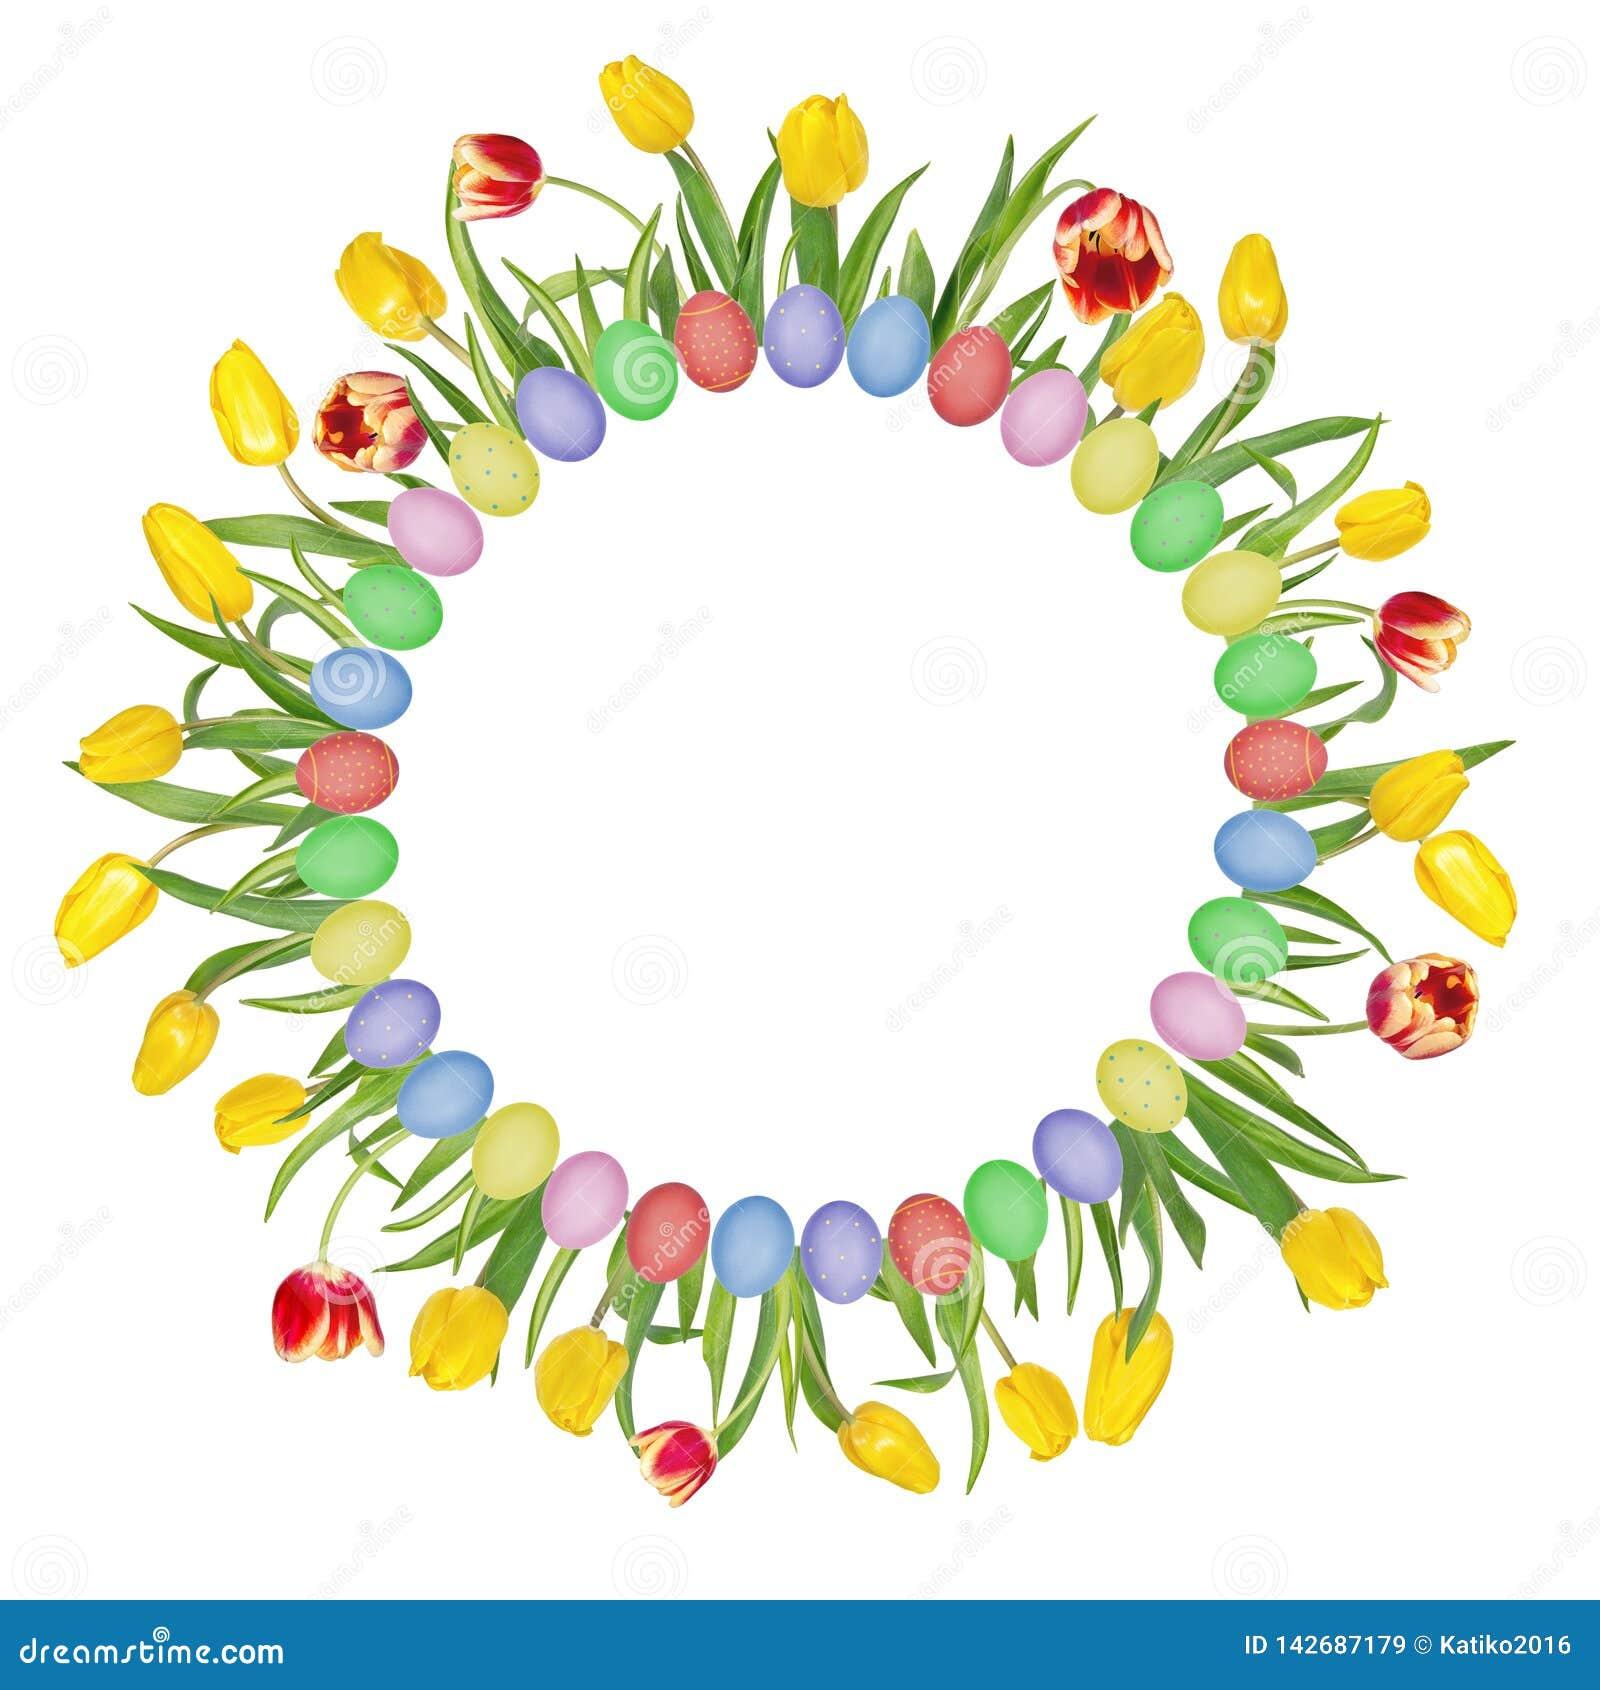 Круговая флористическая рамка сделанная из красивых красных и желтых тюльпанов и красочных пасхальных яя r